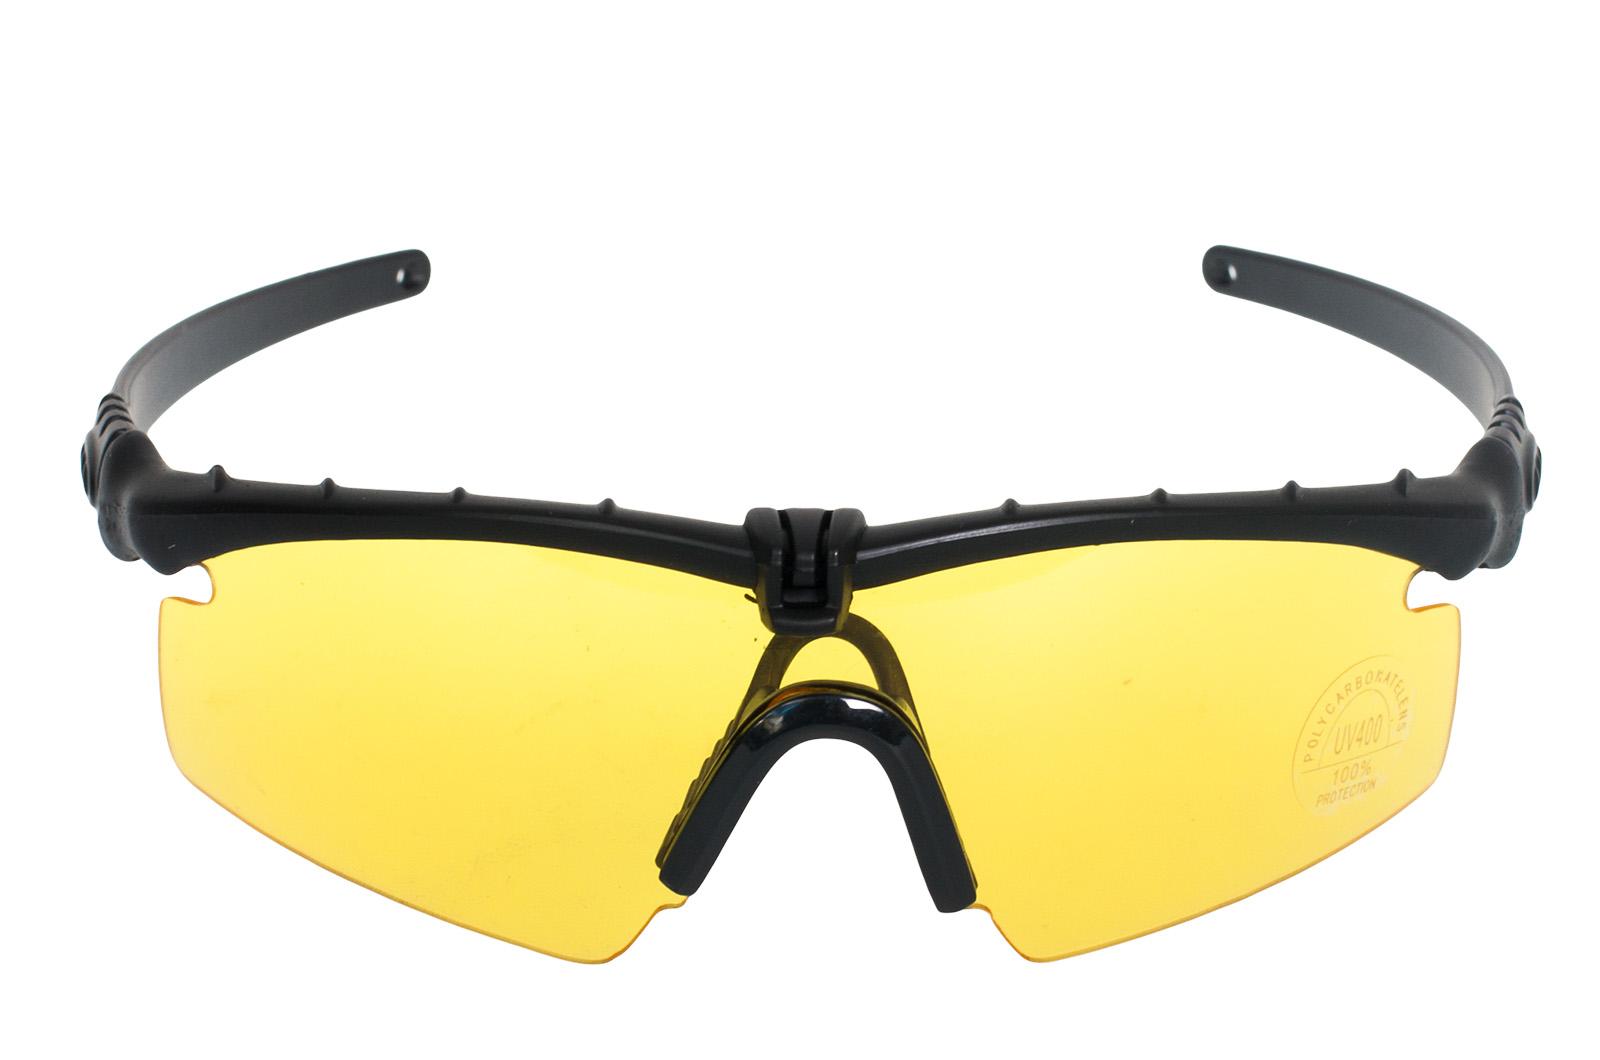 Заказать glasses в сыктывкар купить dji goggles для селфидрона в барнаул